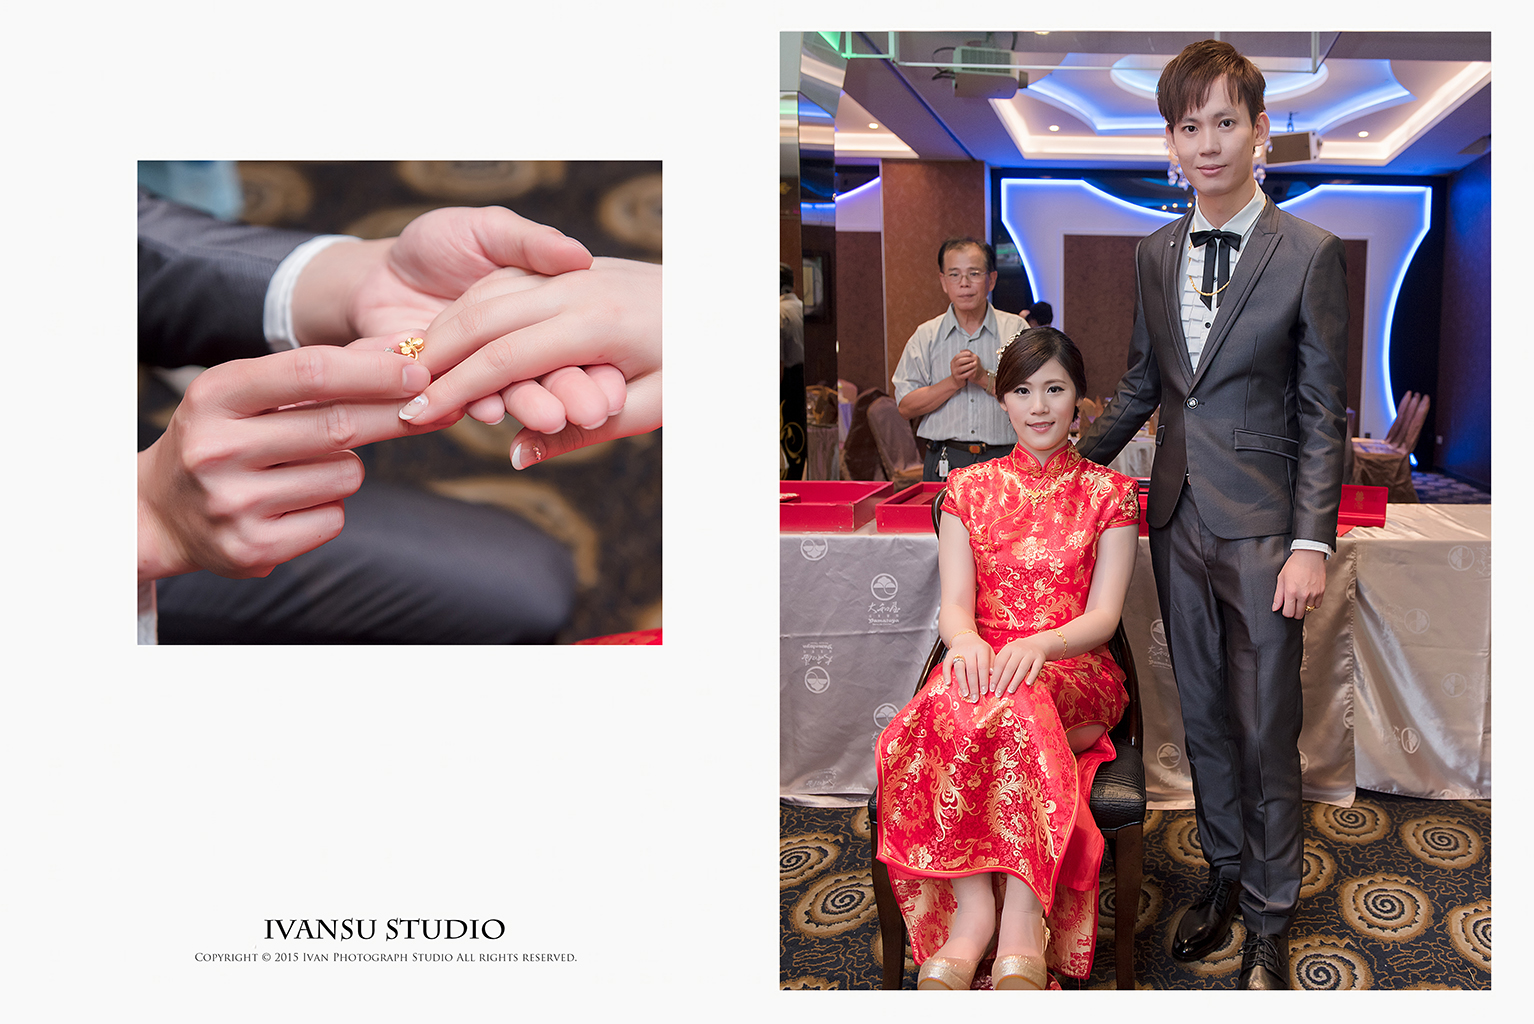 29699276956 999fa7bb1b o - [婚攝] 婚禮攝影@大和屋 律宏 & 蕙如